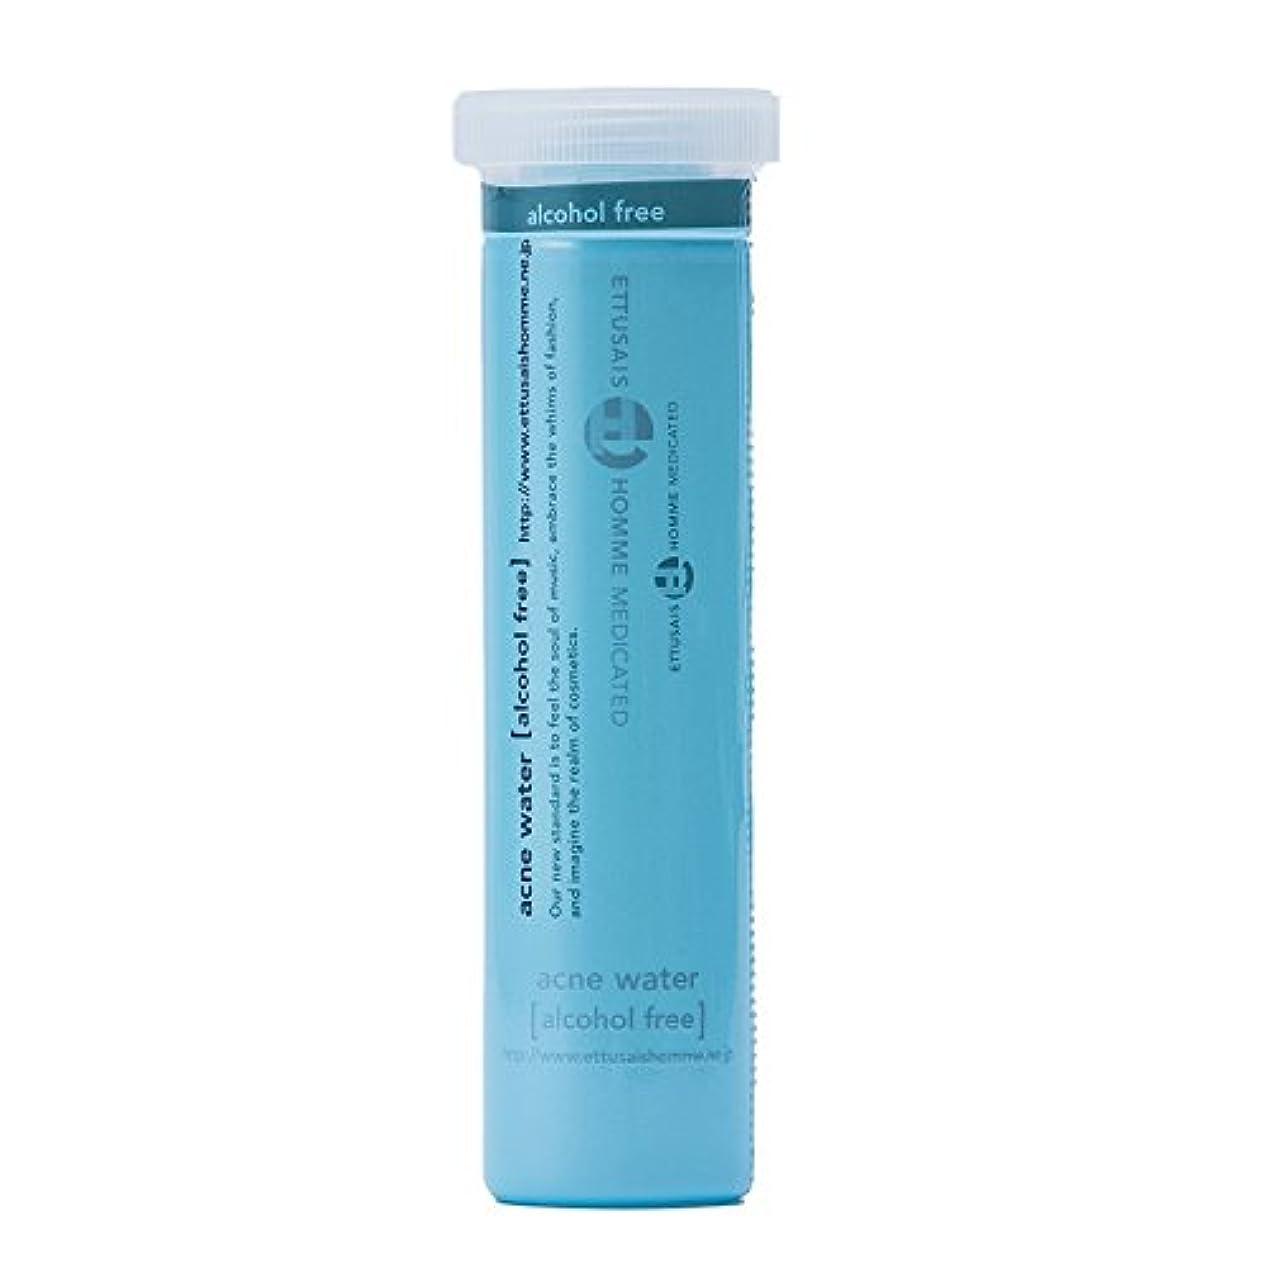 はげなしでメジャー[医薬部外品] エテュセ オム 薬用アクネウオーター アルコールフリー  薬用化粧水 100ml